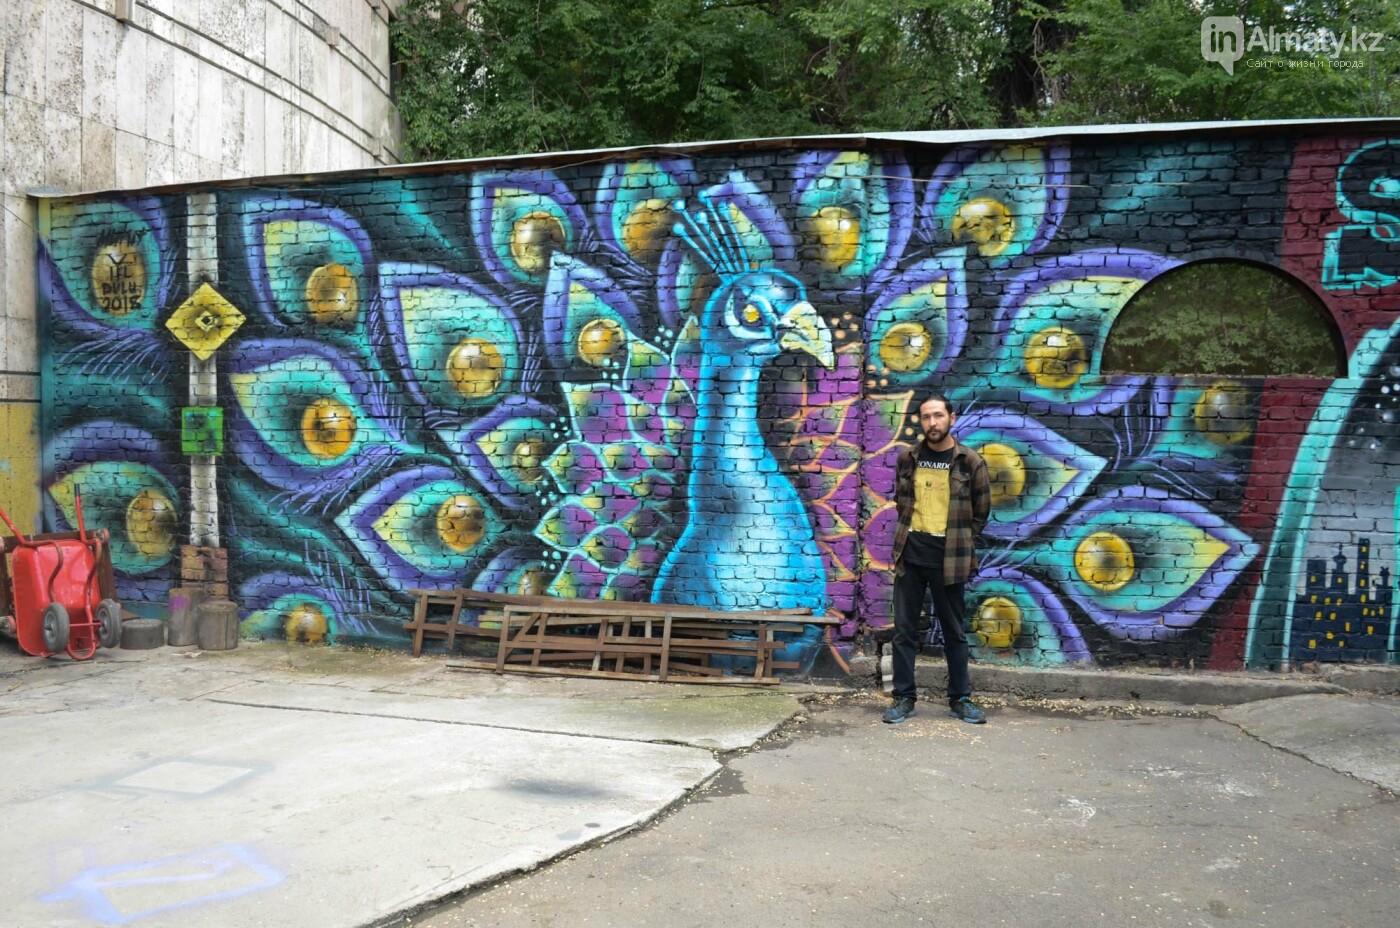 «Рисовать на фасаде бывает страшно»: художник Мухит Дулу о работе на фестивале муралов, фото-1